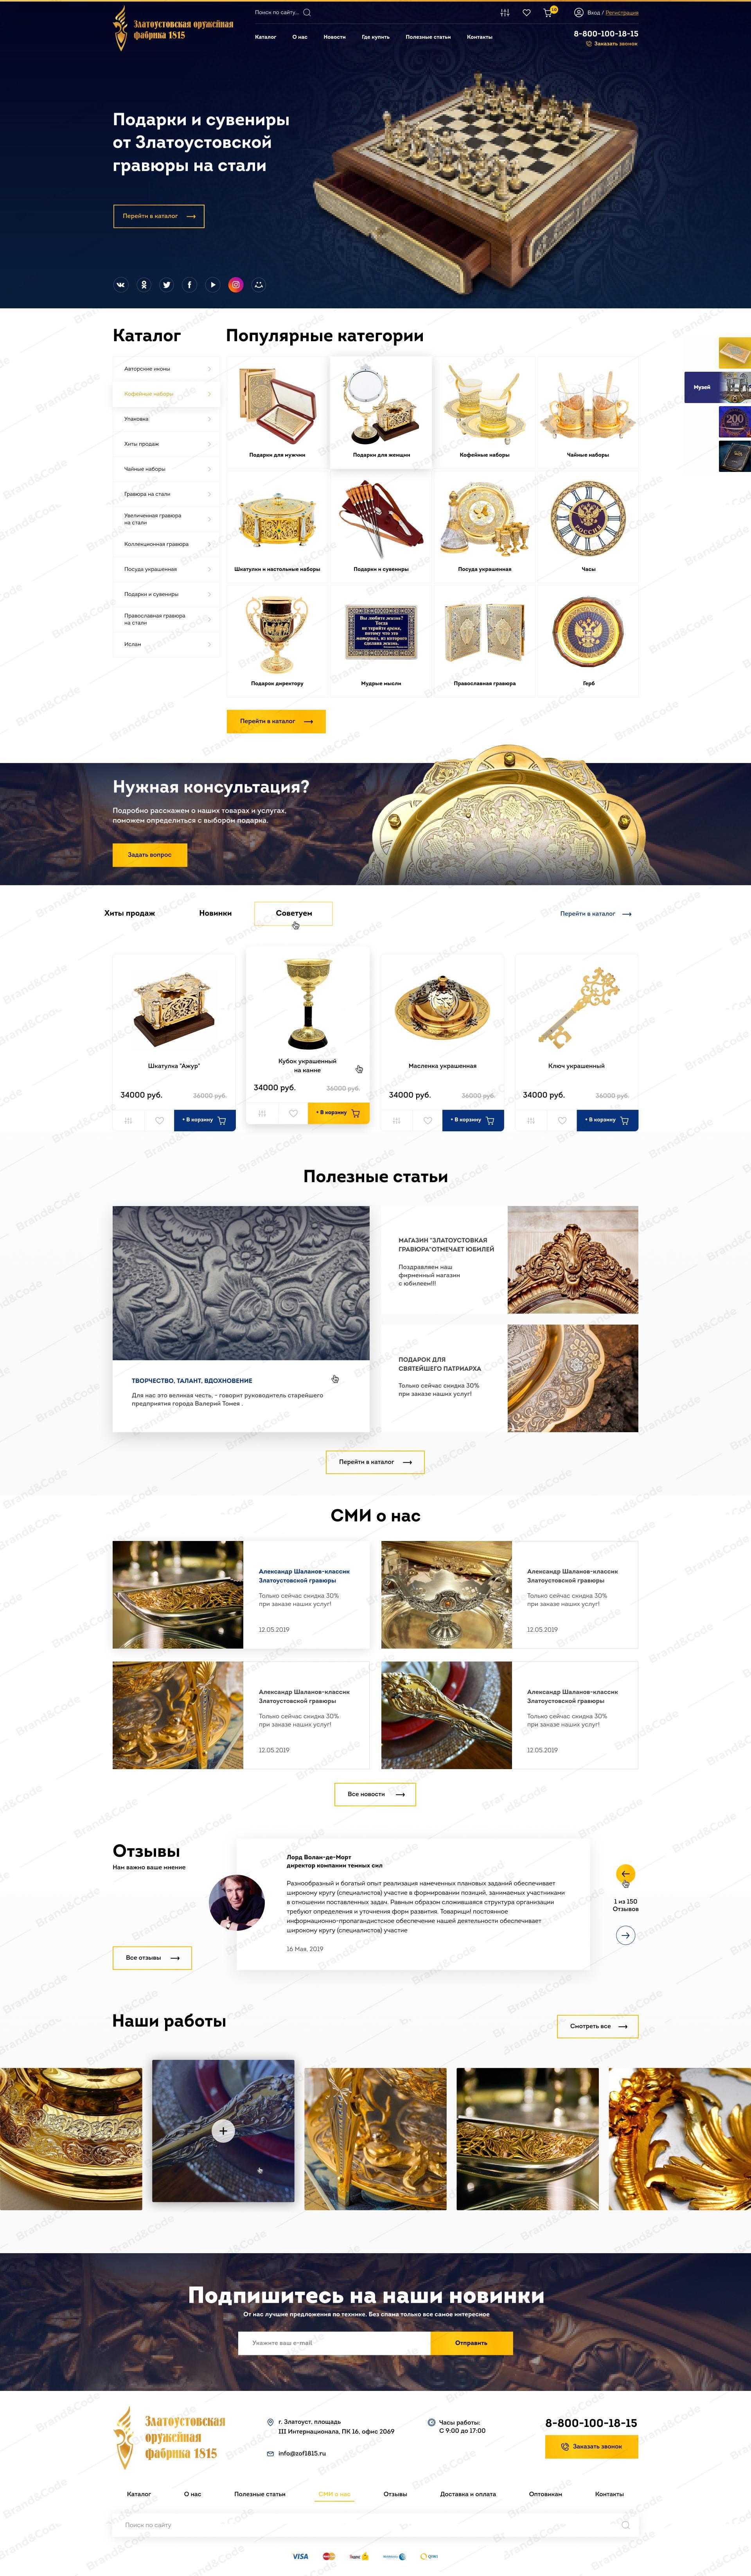 Златоустовская Гравюра - интернет-магазин эксклюзивных подарков